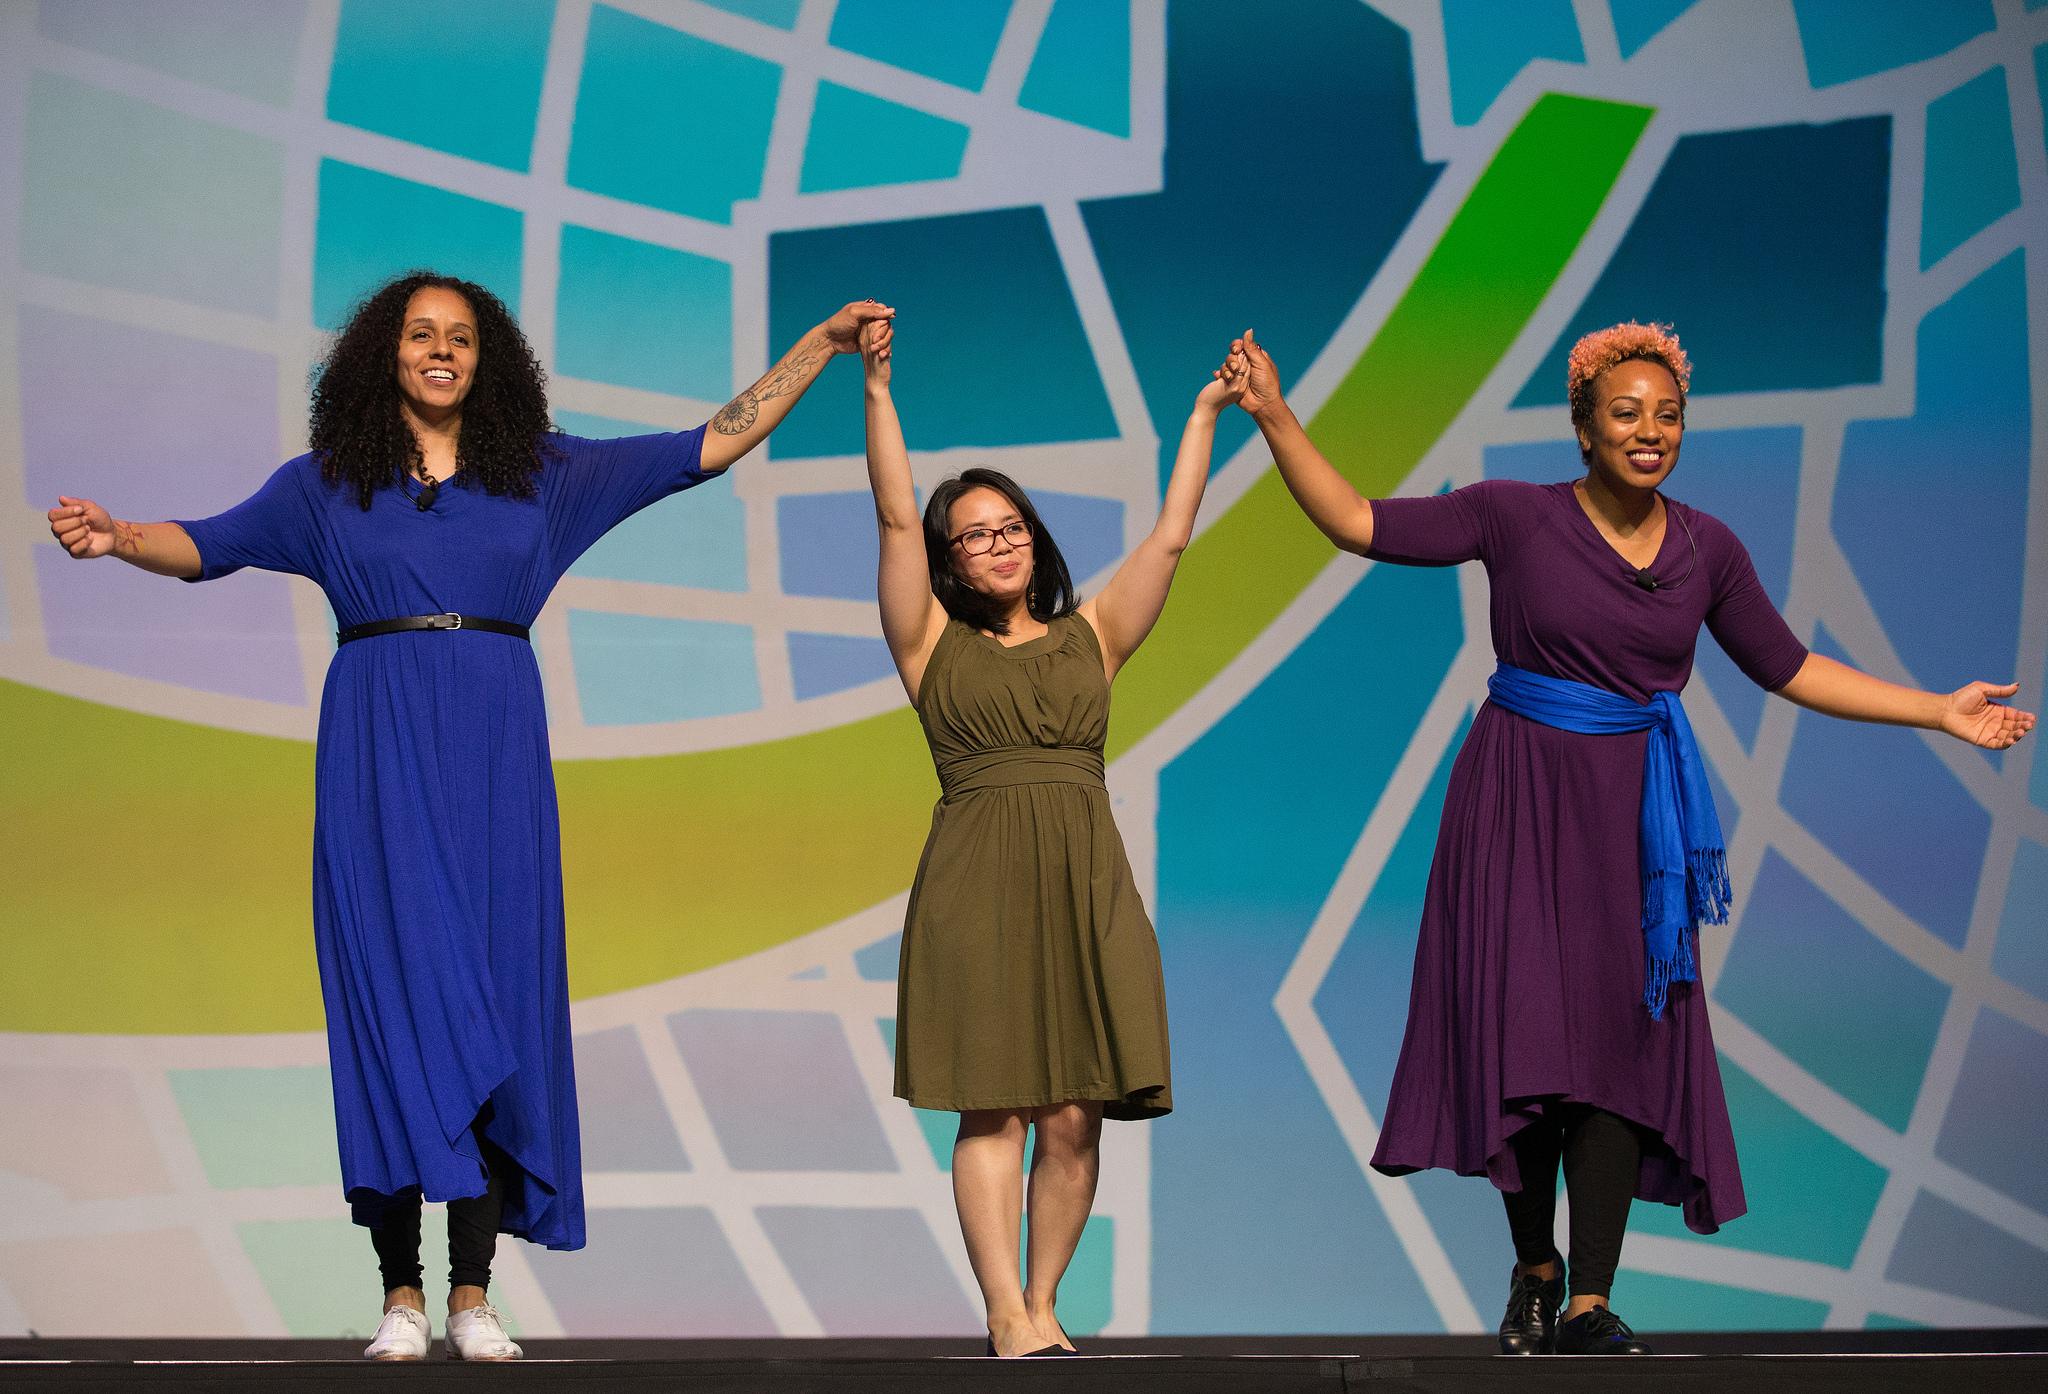 Danza litúrgica representando la historia de Elizabeth y María durante la Asamblea de Mujeres Metodistas Unidas en Columbus, Ohio. Foto cortesía de Mike DuBose.